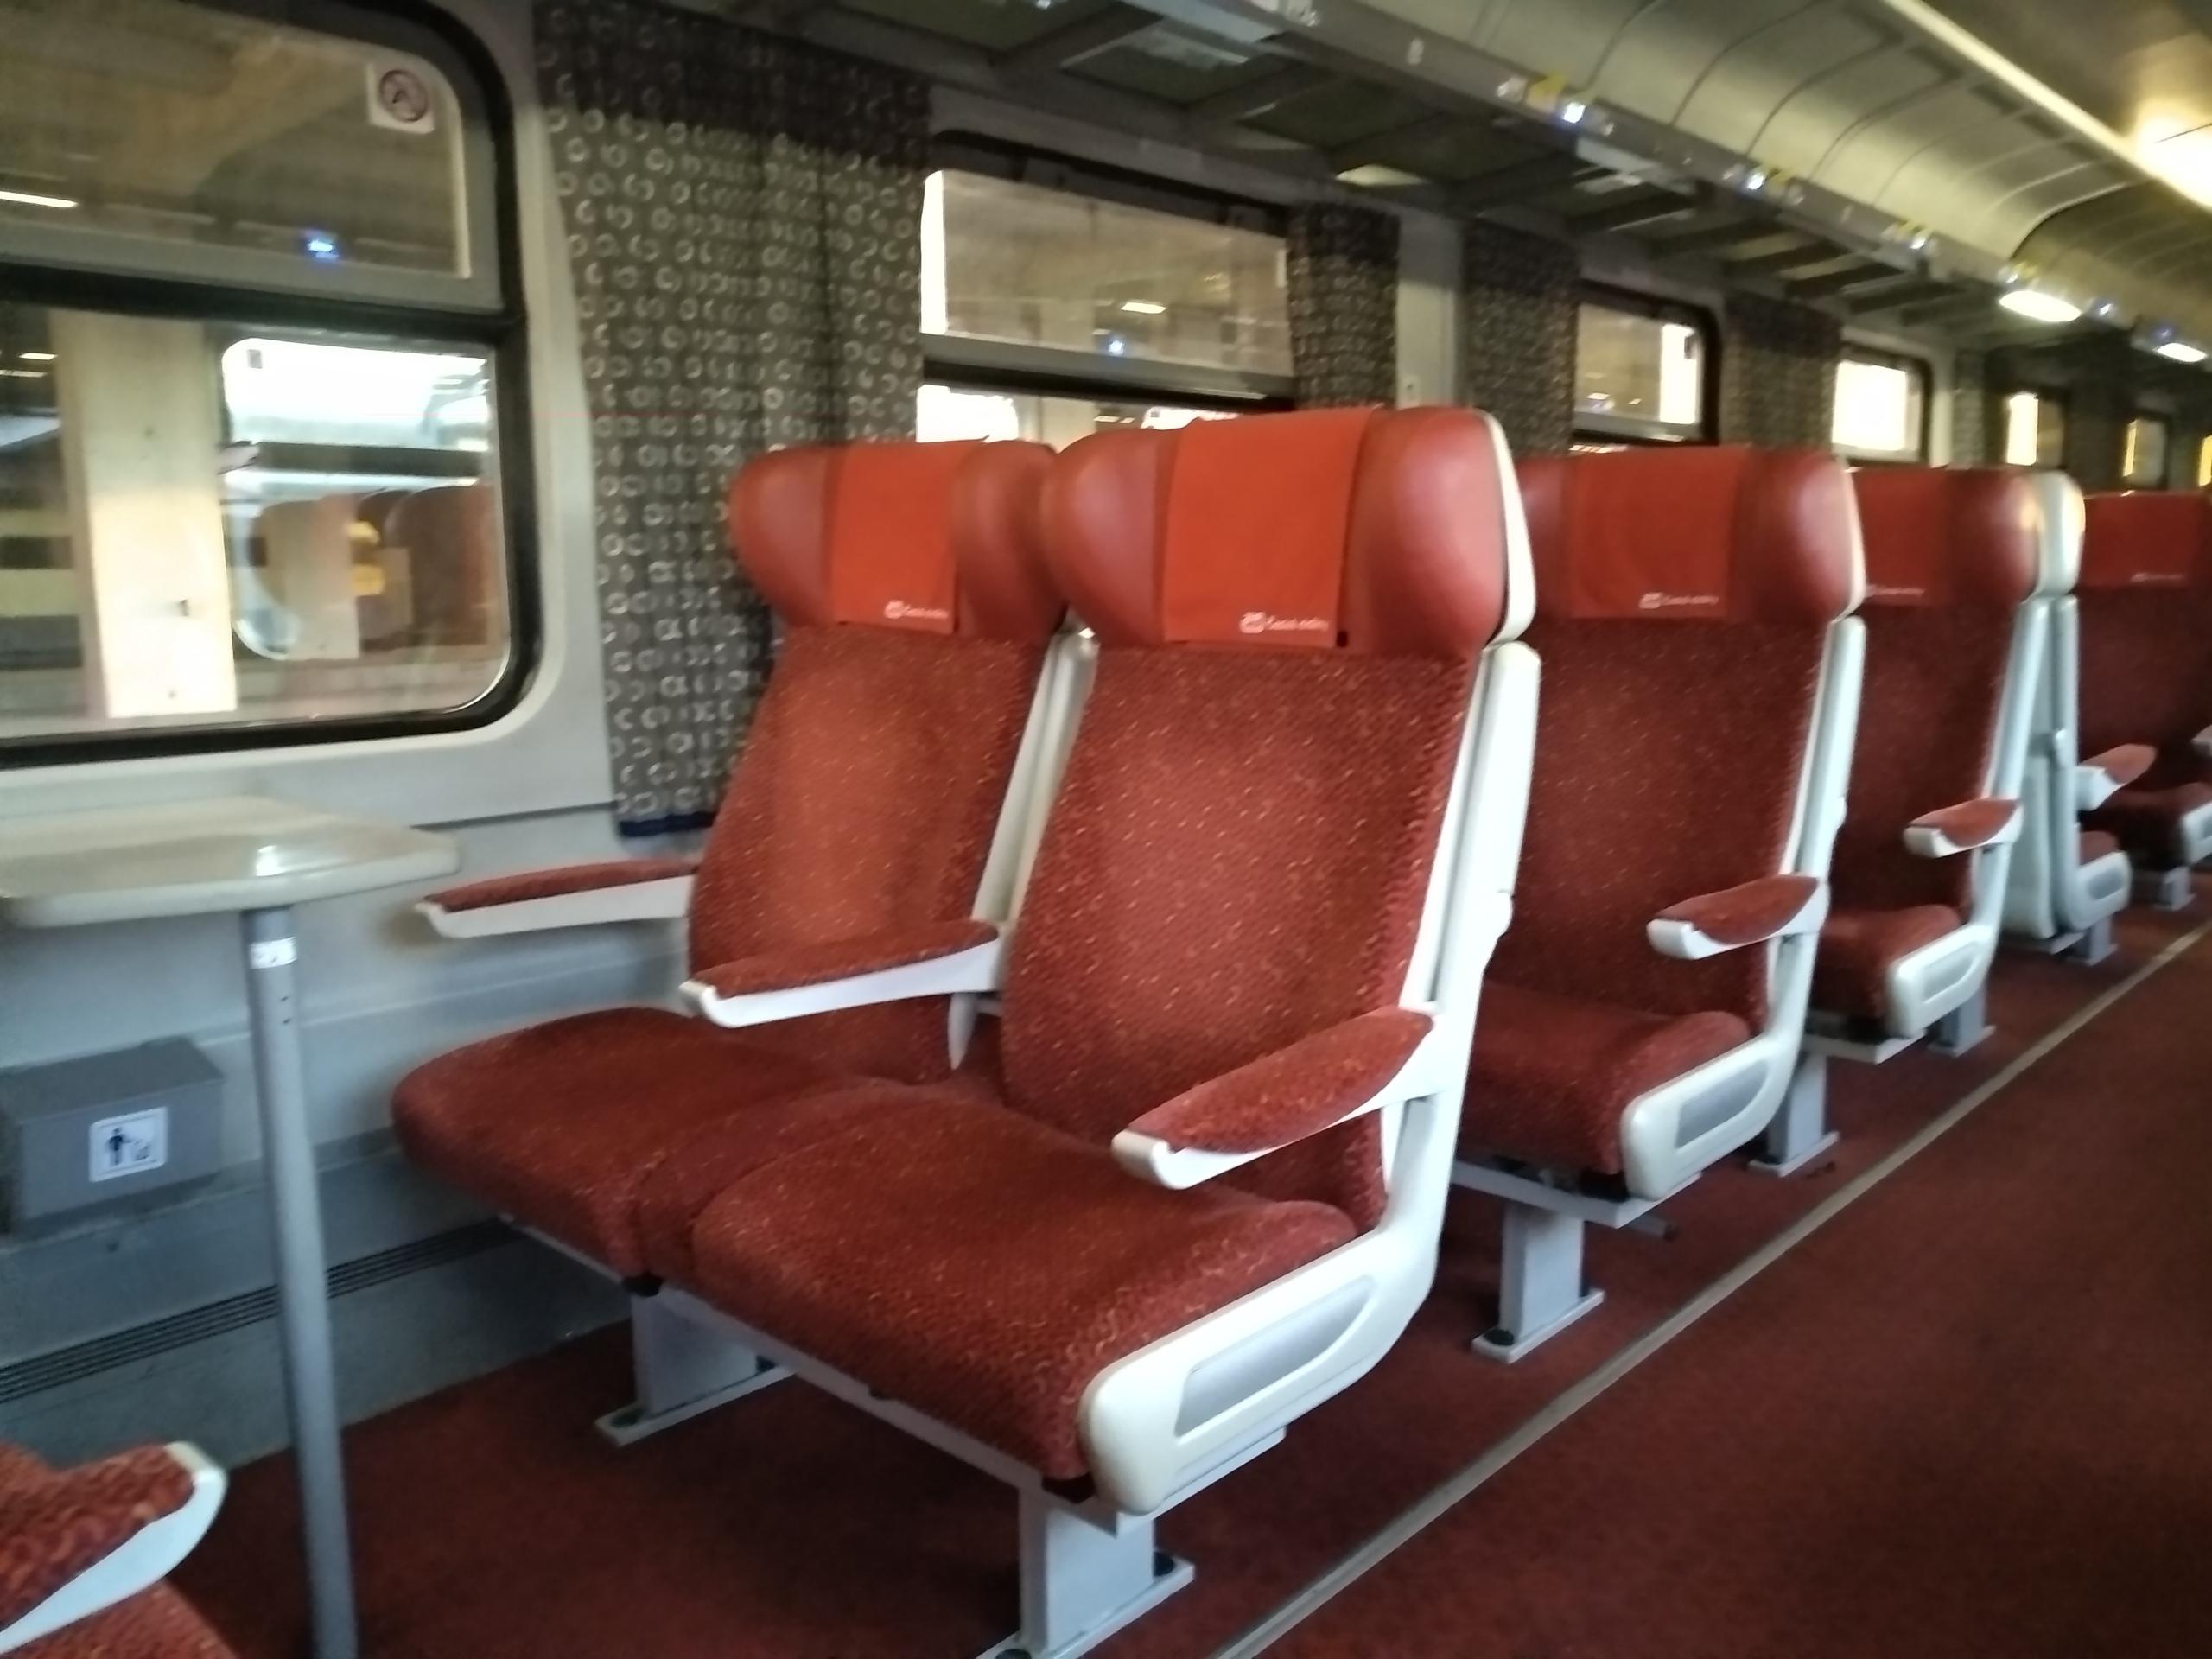 Первым классом в чешских поездах: есть ли смысл?